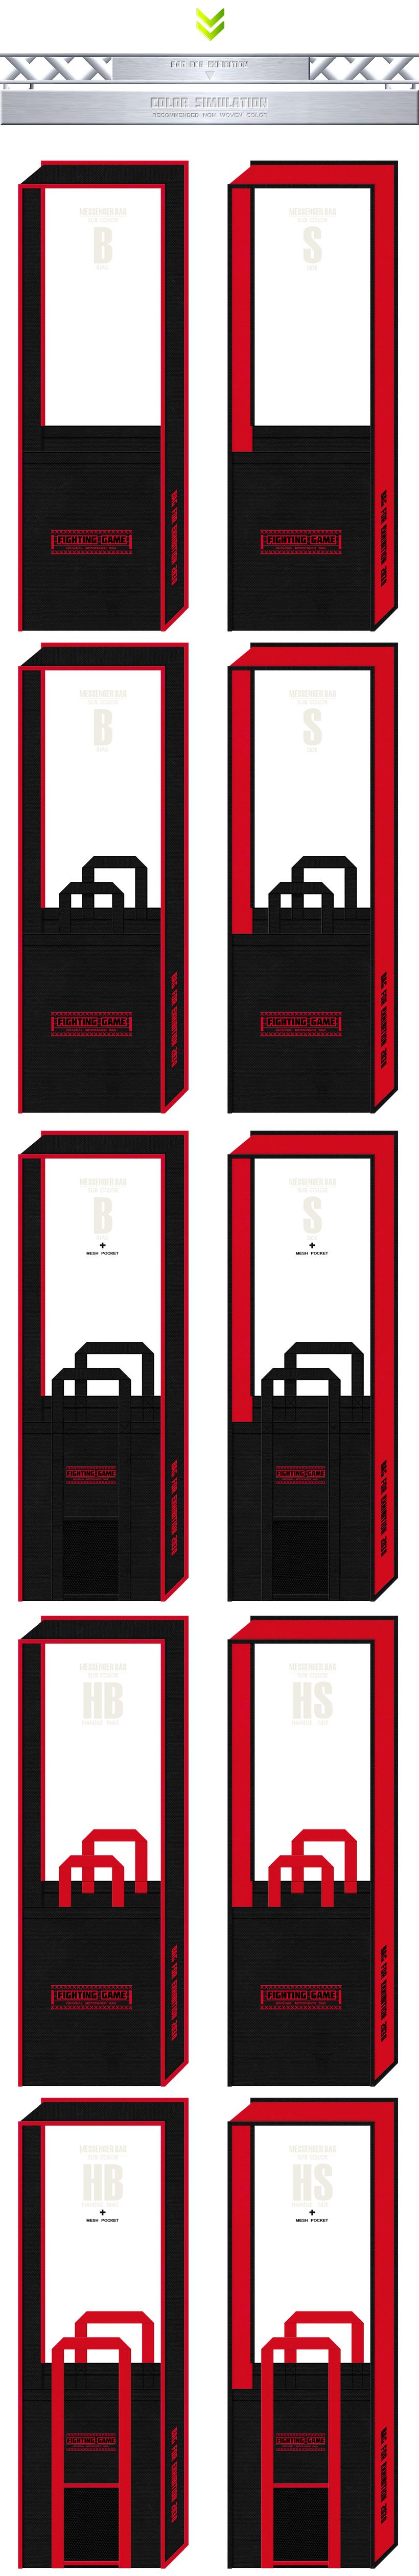 黒色と紅色を使用した不織布メッセンジャーバッグのカラーシミュレーション:対戦型格闘ゲームの展示会用バッグ